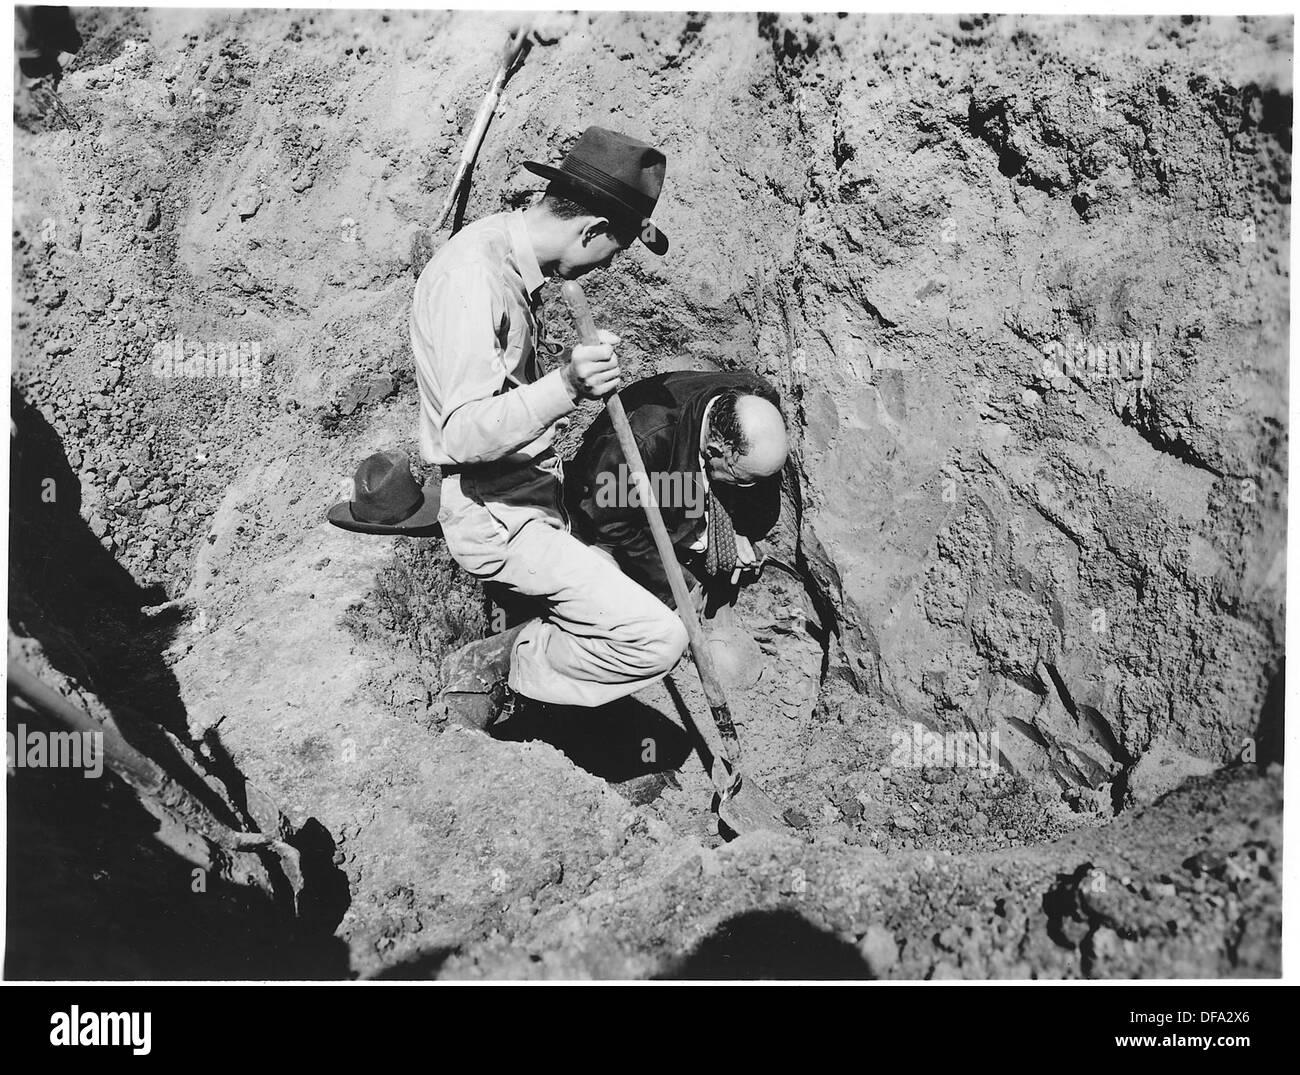 Unearthing dinosaur bones. Cornhusker Ordnance Plant, Nebraska. 292132 - Stock Image